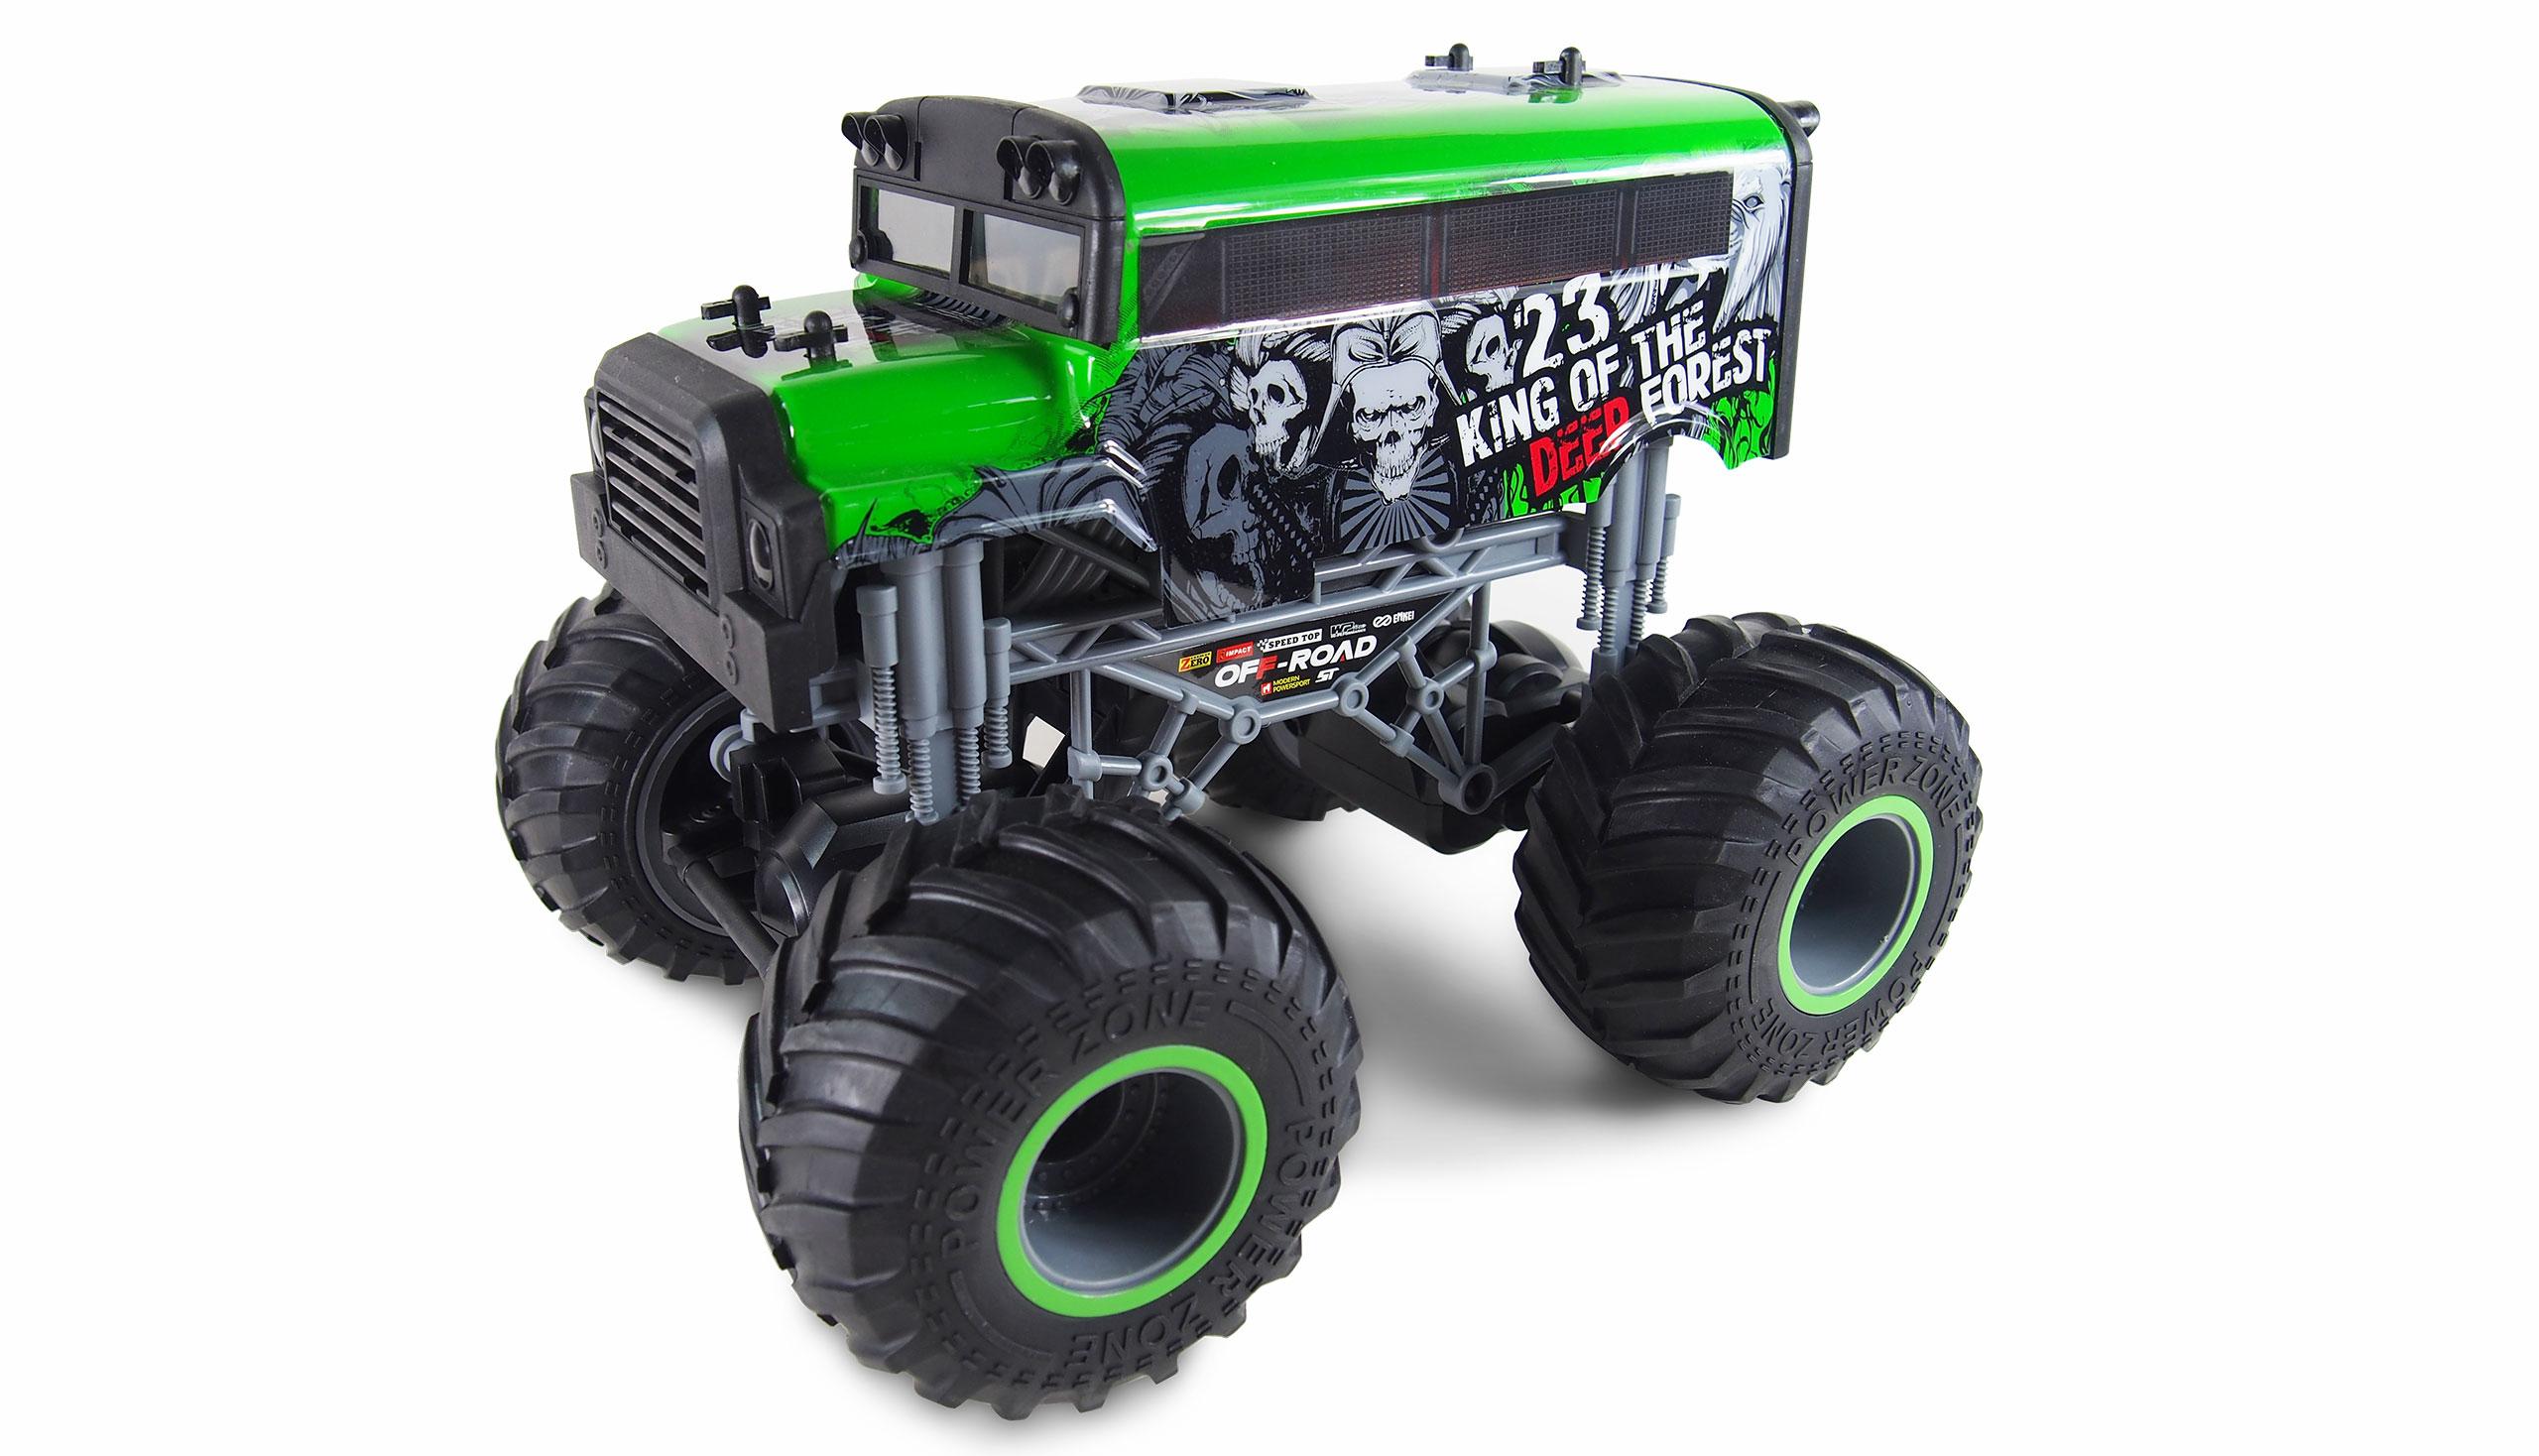 Vorschau: Amewi Crazy SchoolBus - Monstertruck - 1:16 - Junge - 6 Jahr(e) - 700 mAh - 1 kg